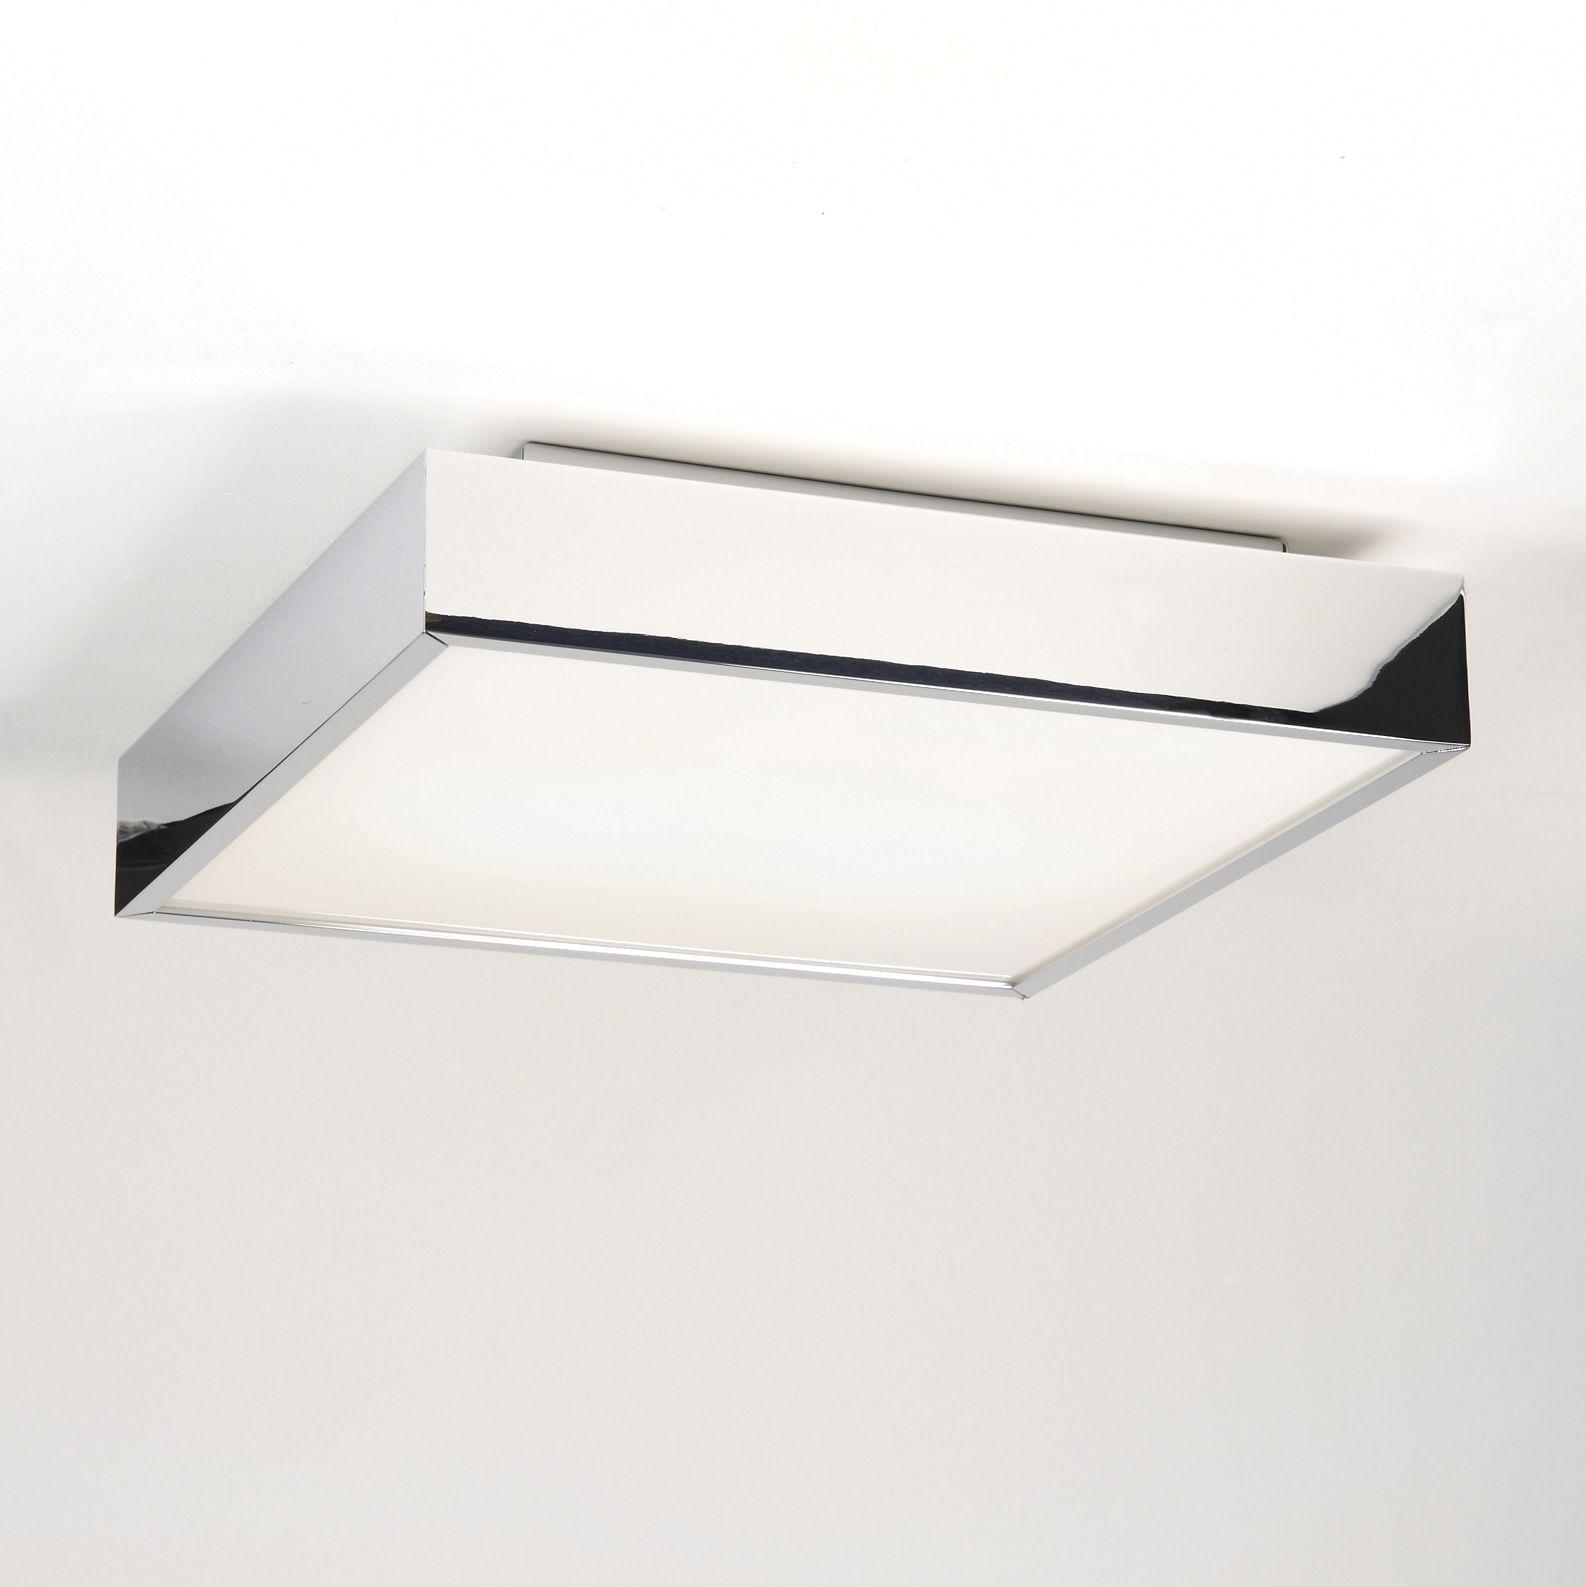 Bathroom Ceiling Light Square Bathroom Ceiling Light Square